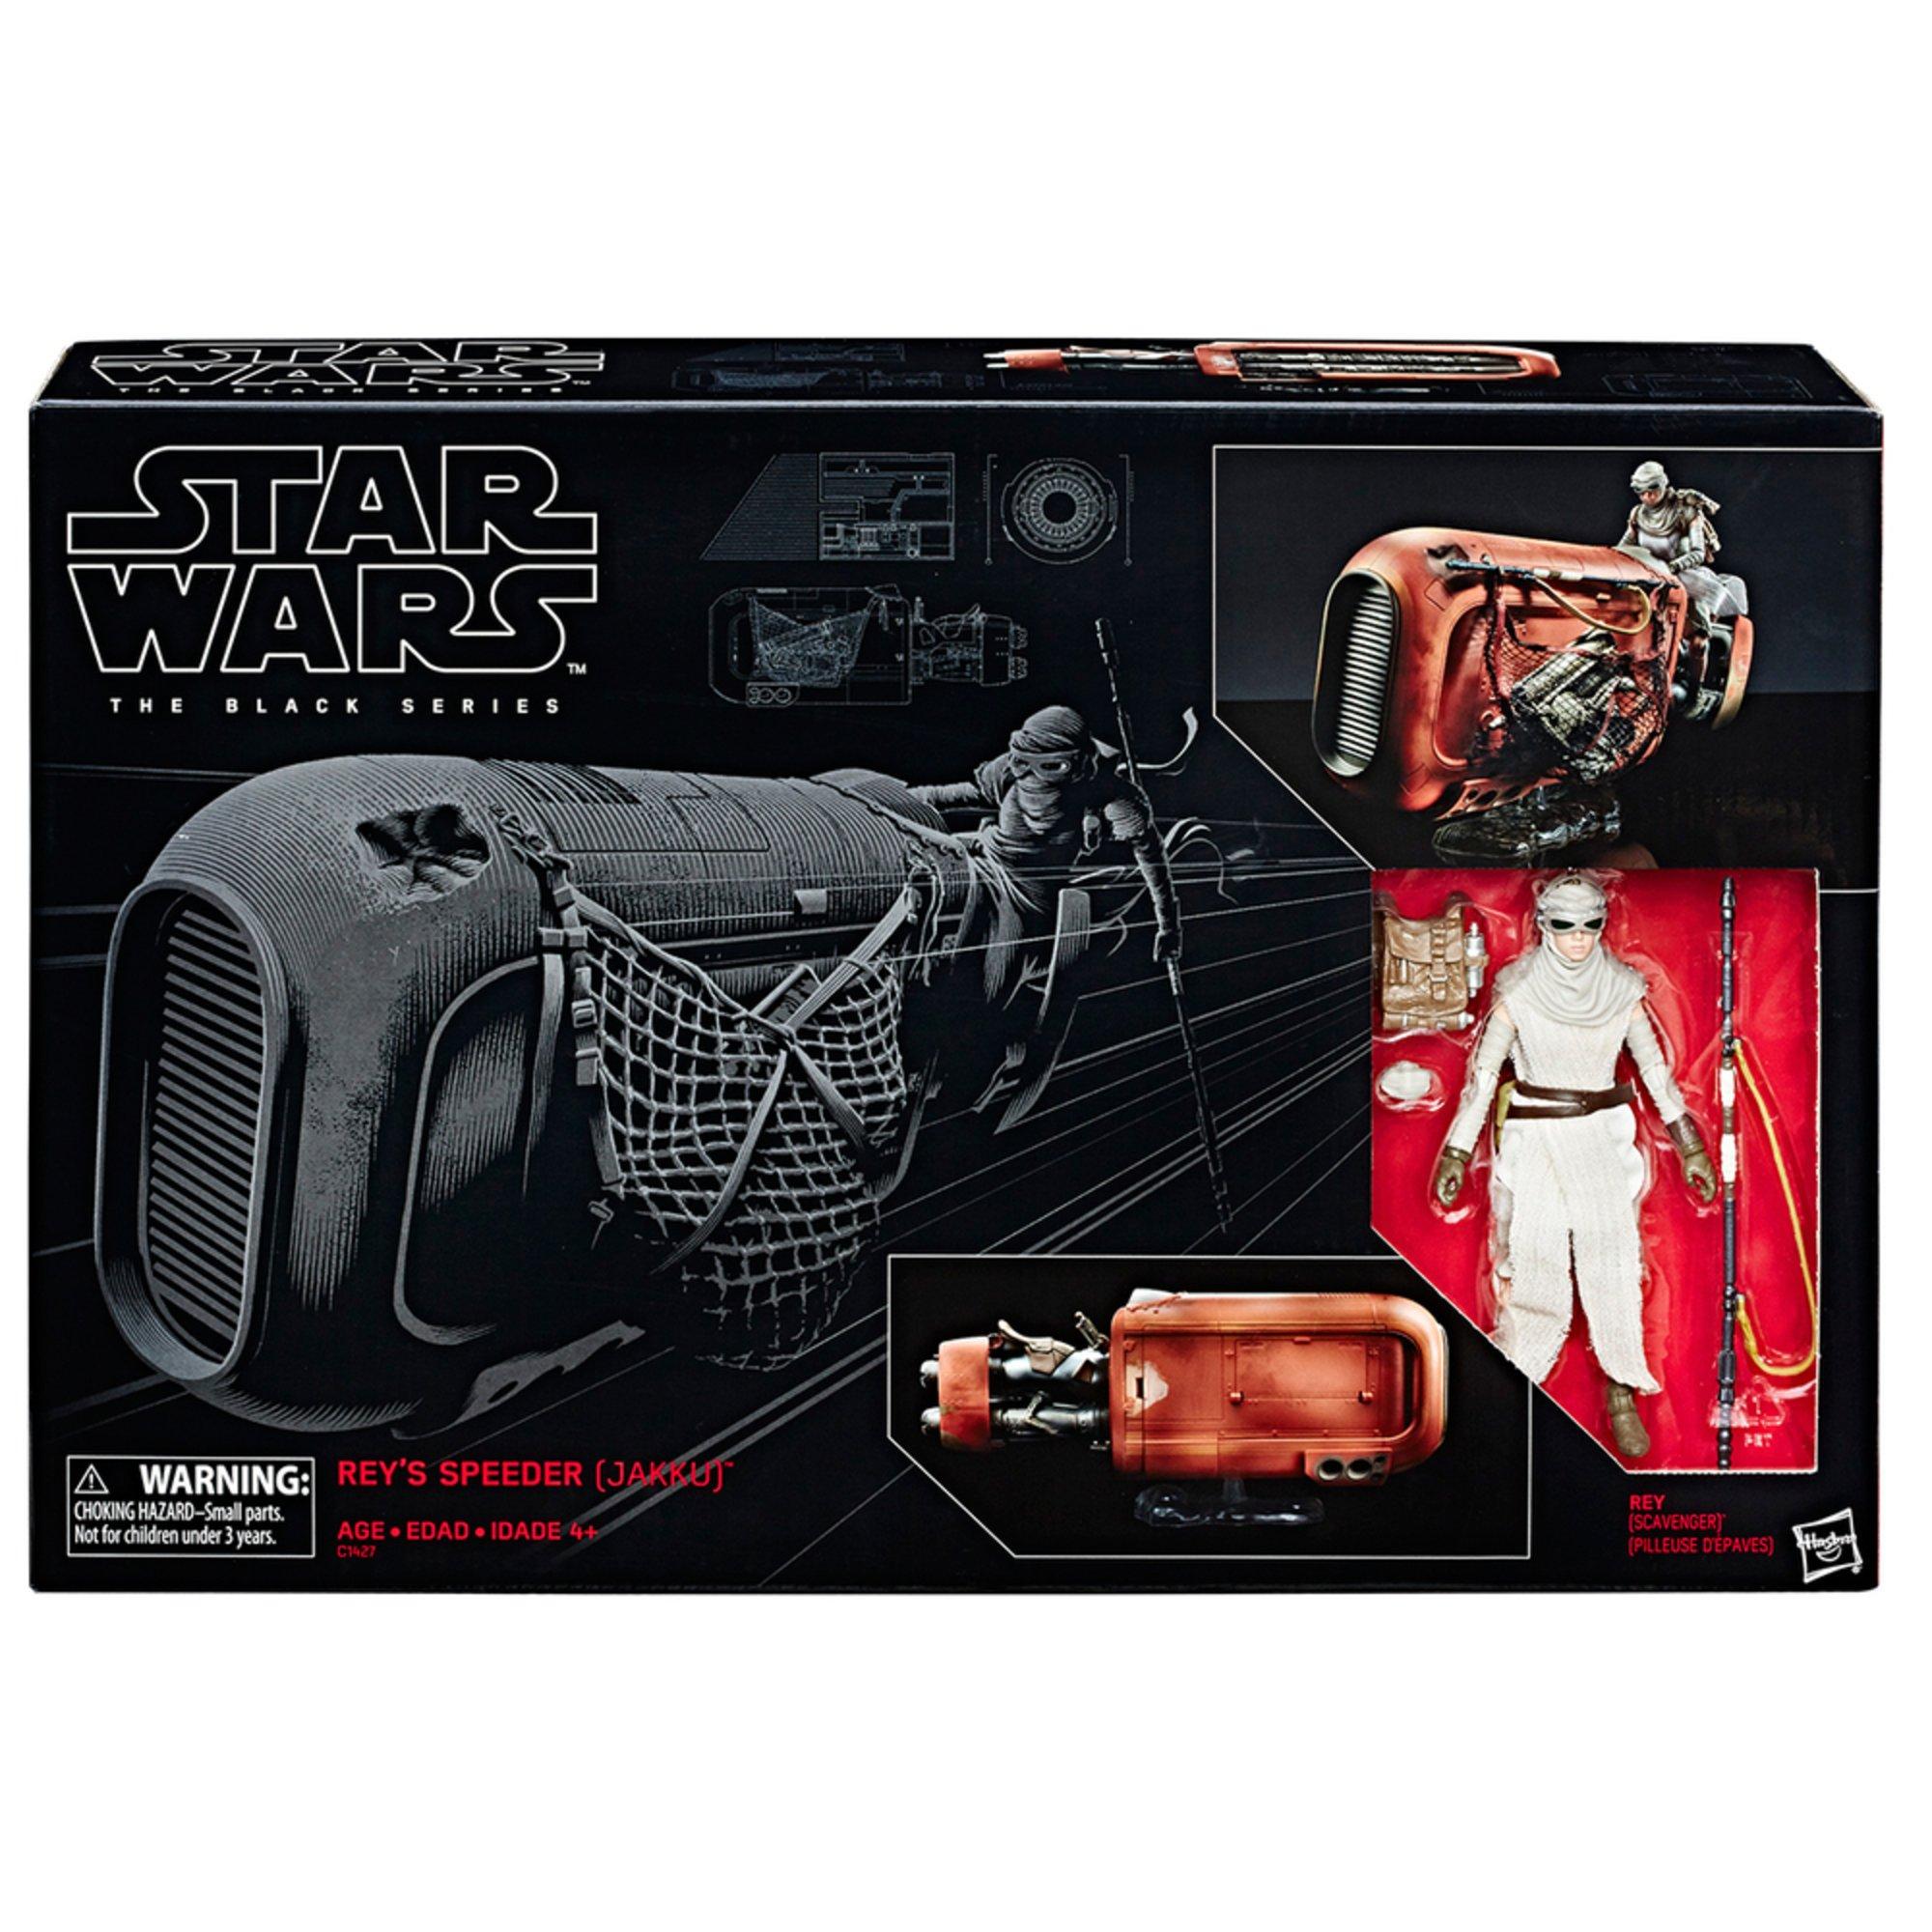 Star Wars-The Black Series-REY /'s Speeder Jakku et Rey Figure BRAND NEW